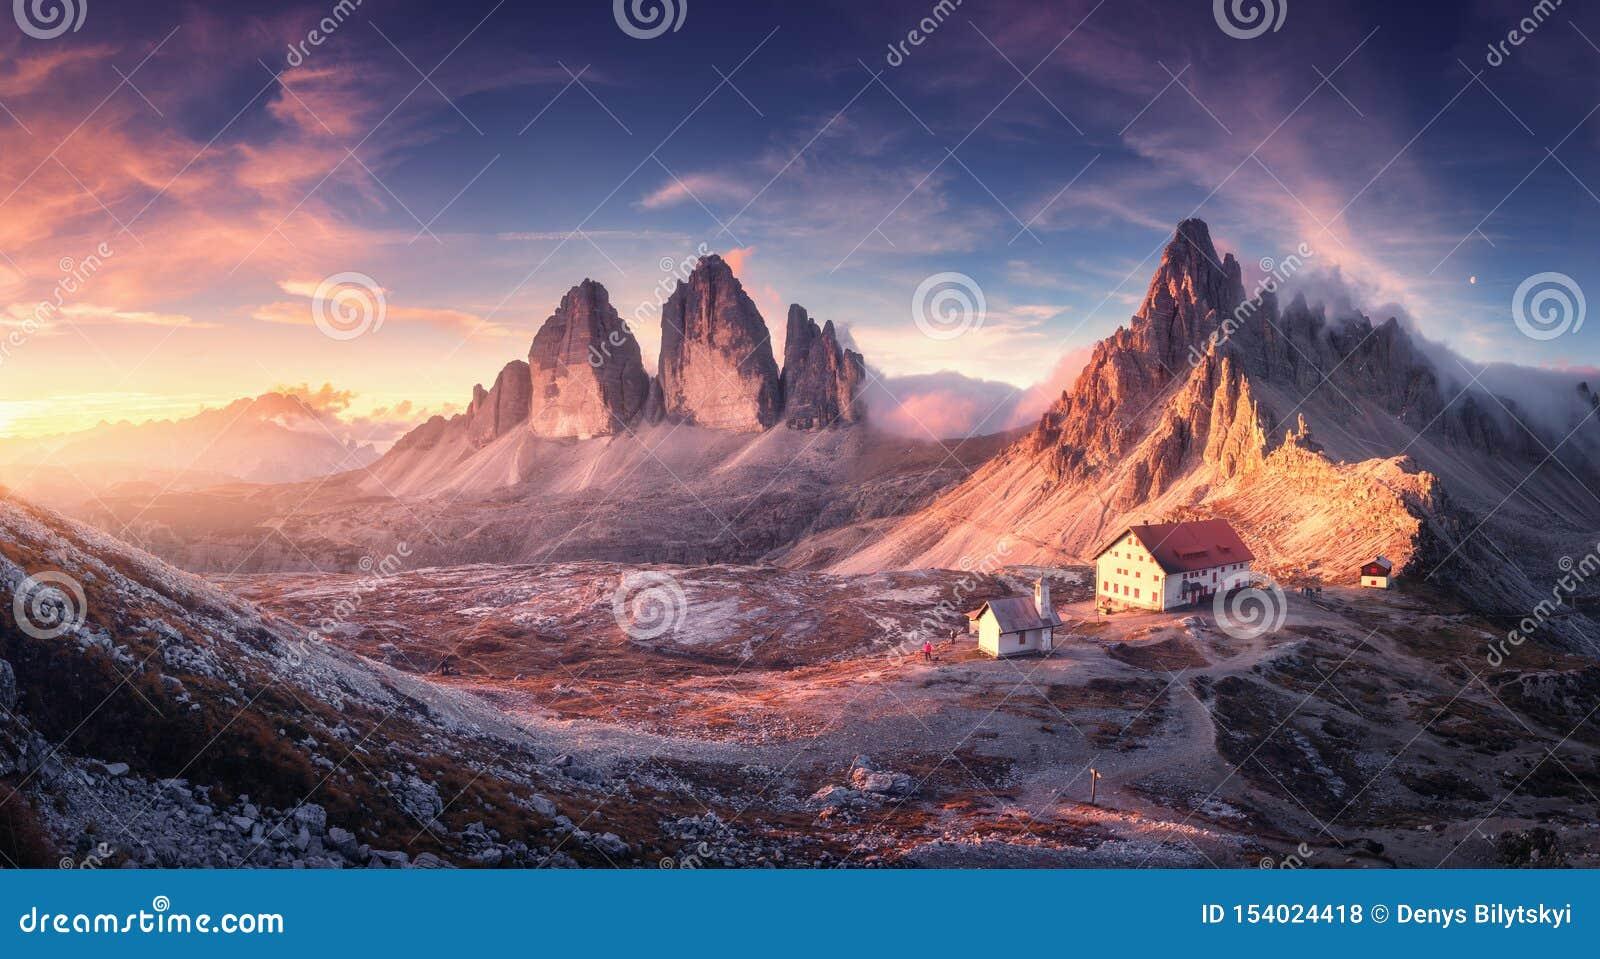 有美丽的房子和教会的山谷日落的